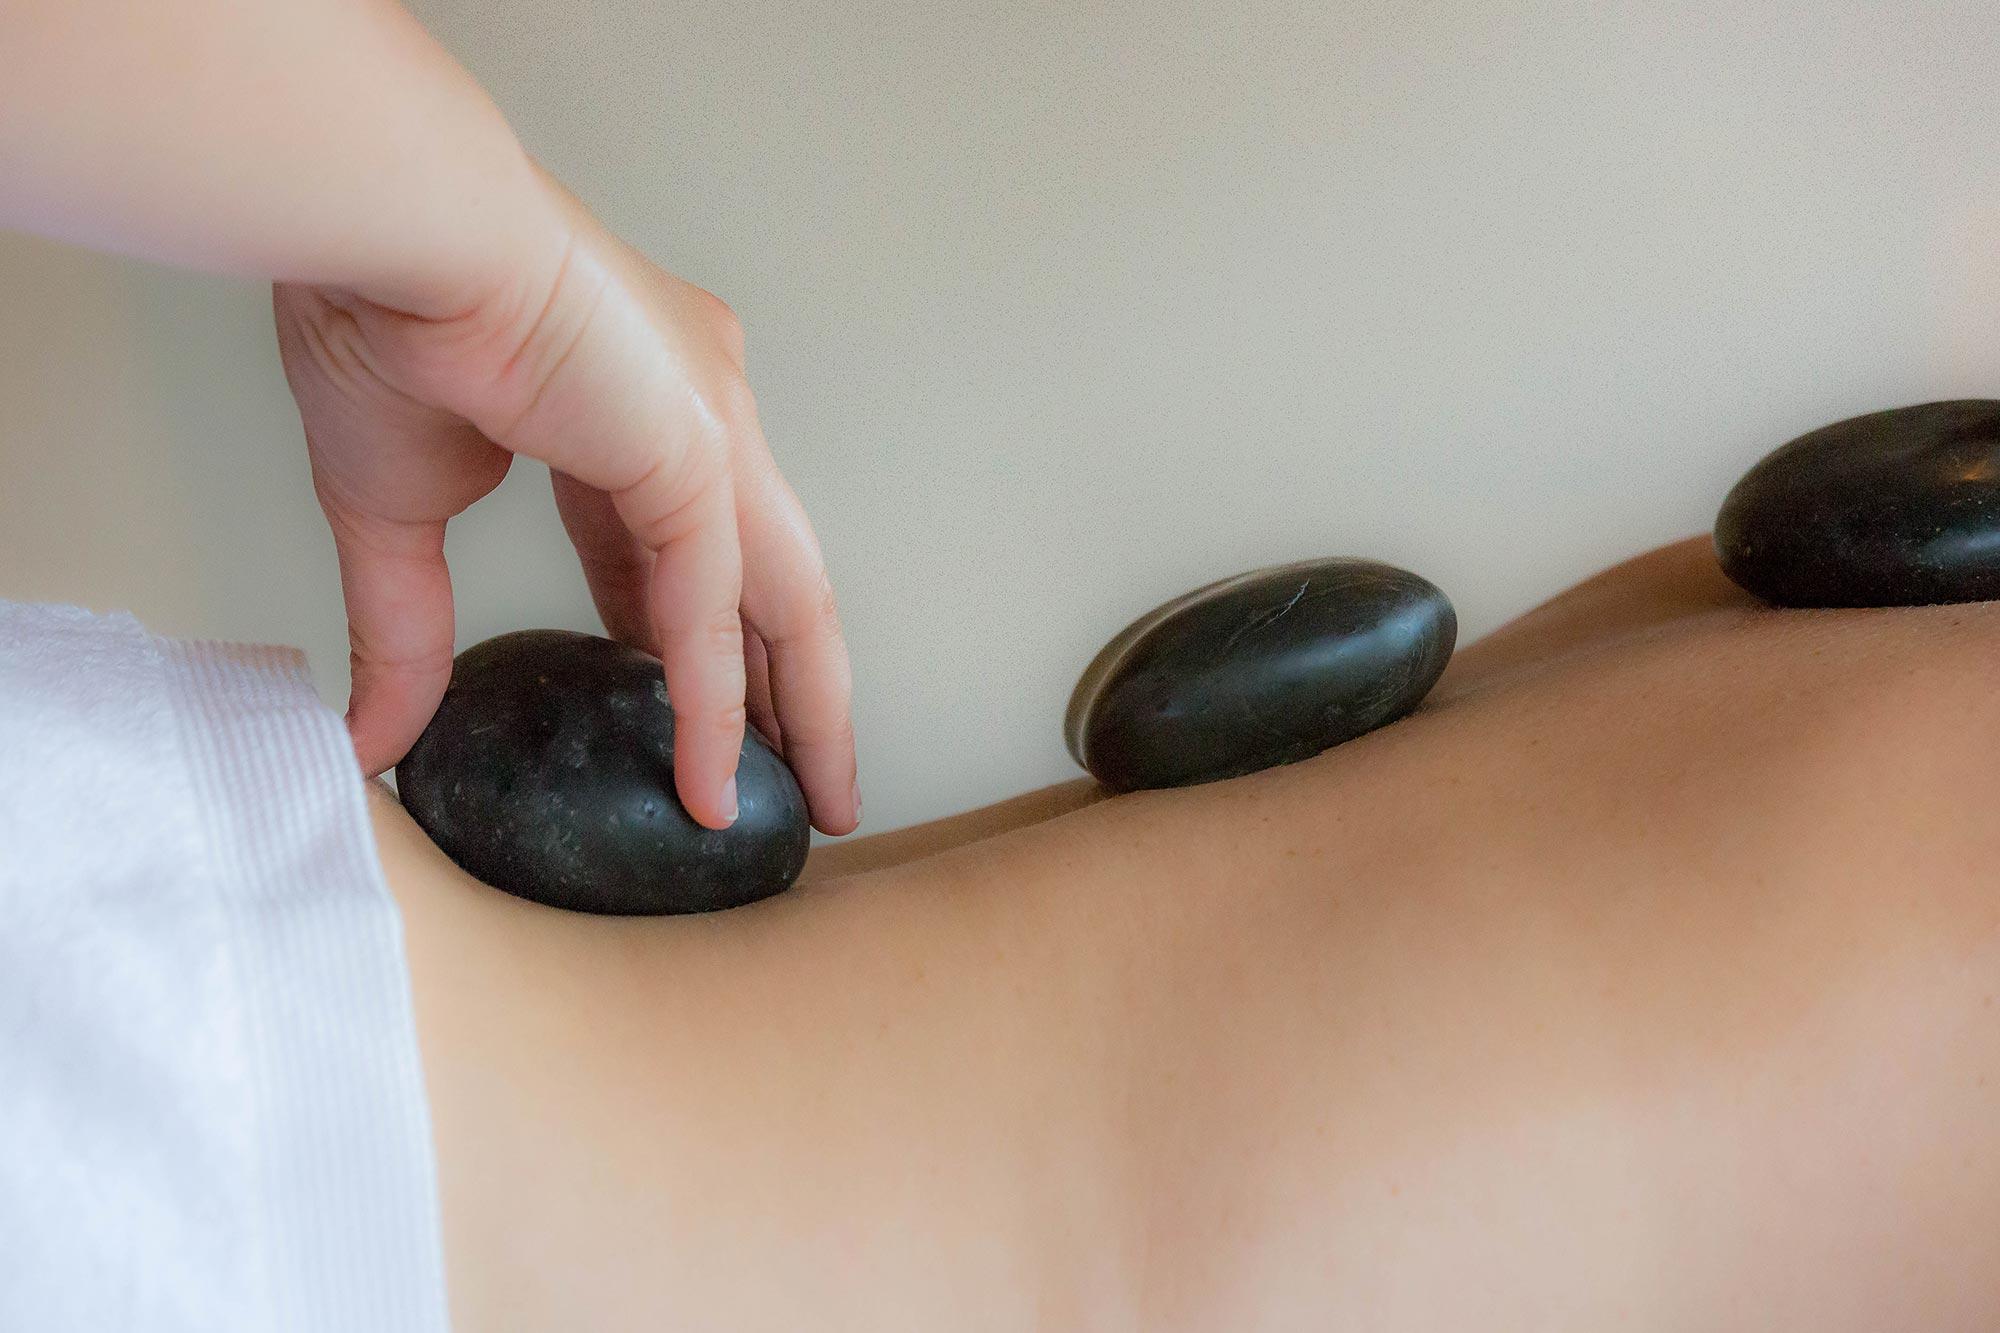 dos nus et serviette à la taille, une main pose des pierres noires le long de la colonne vertébrale